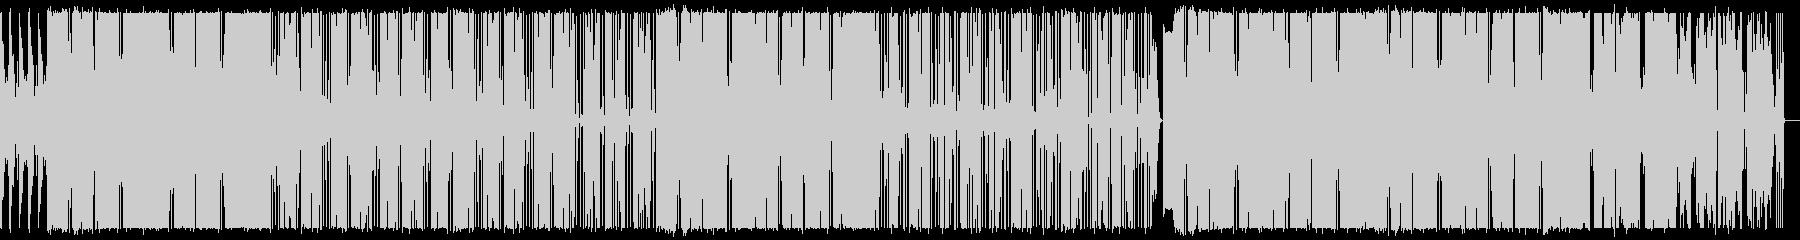 無機質でクールなHIPHOPビートの未再生の波形